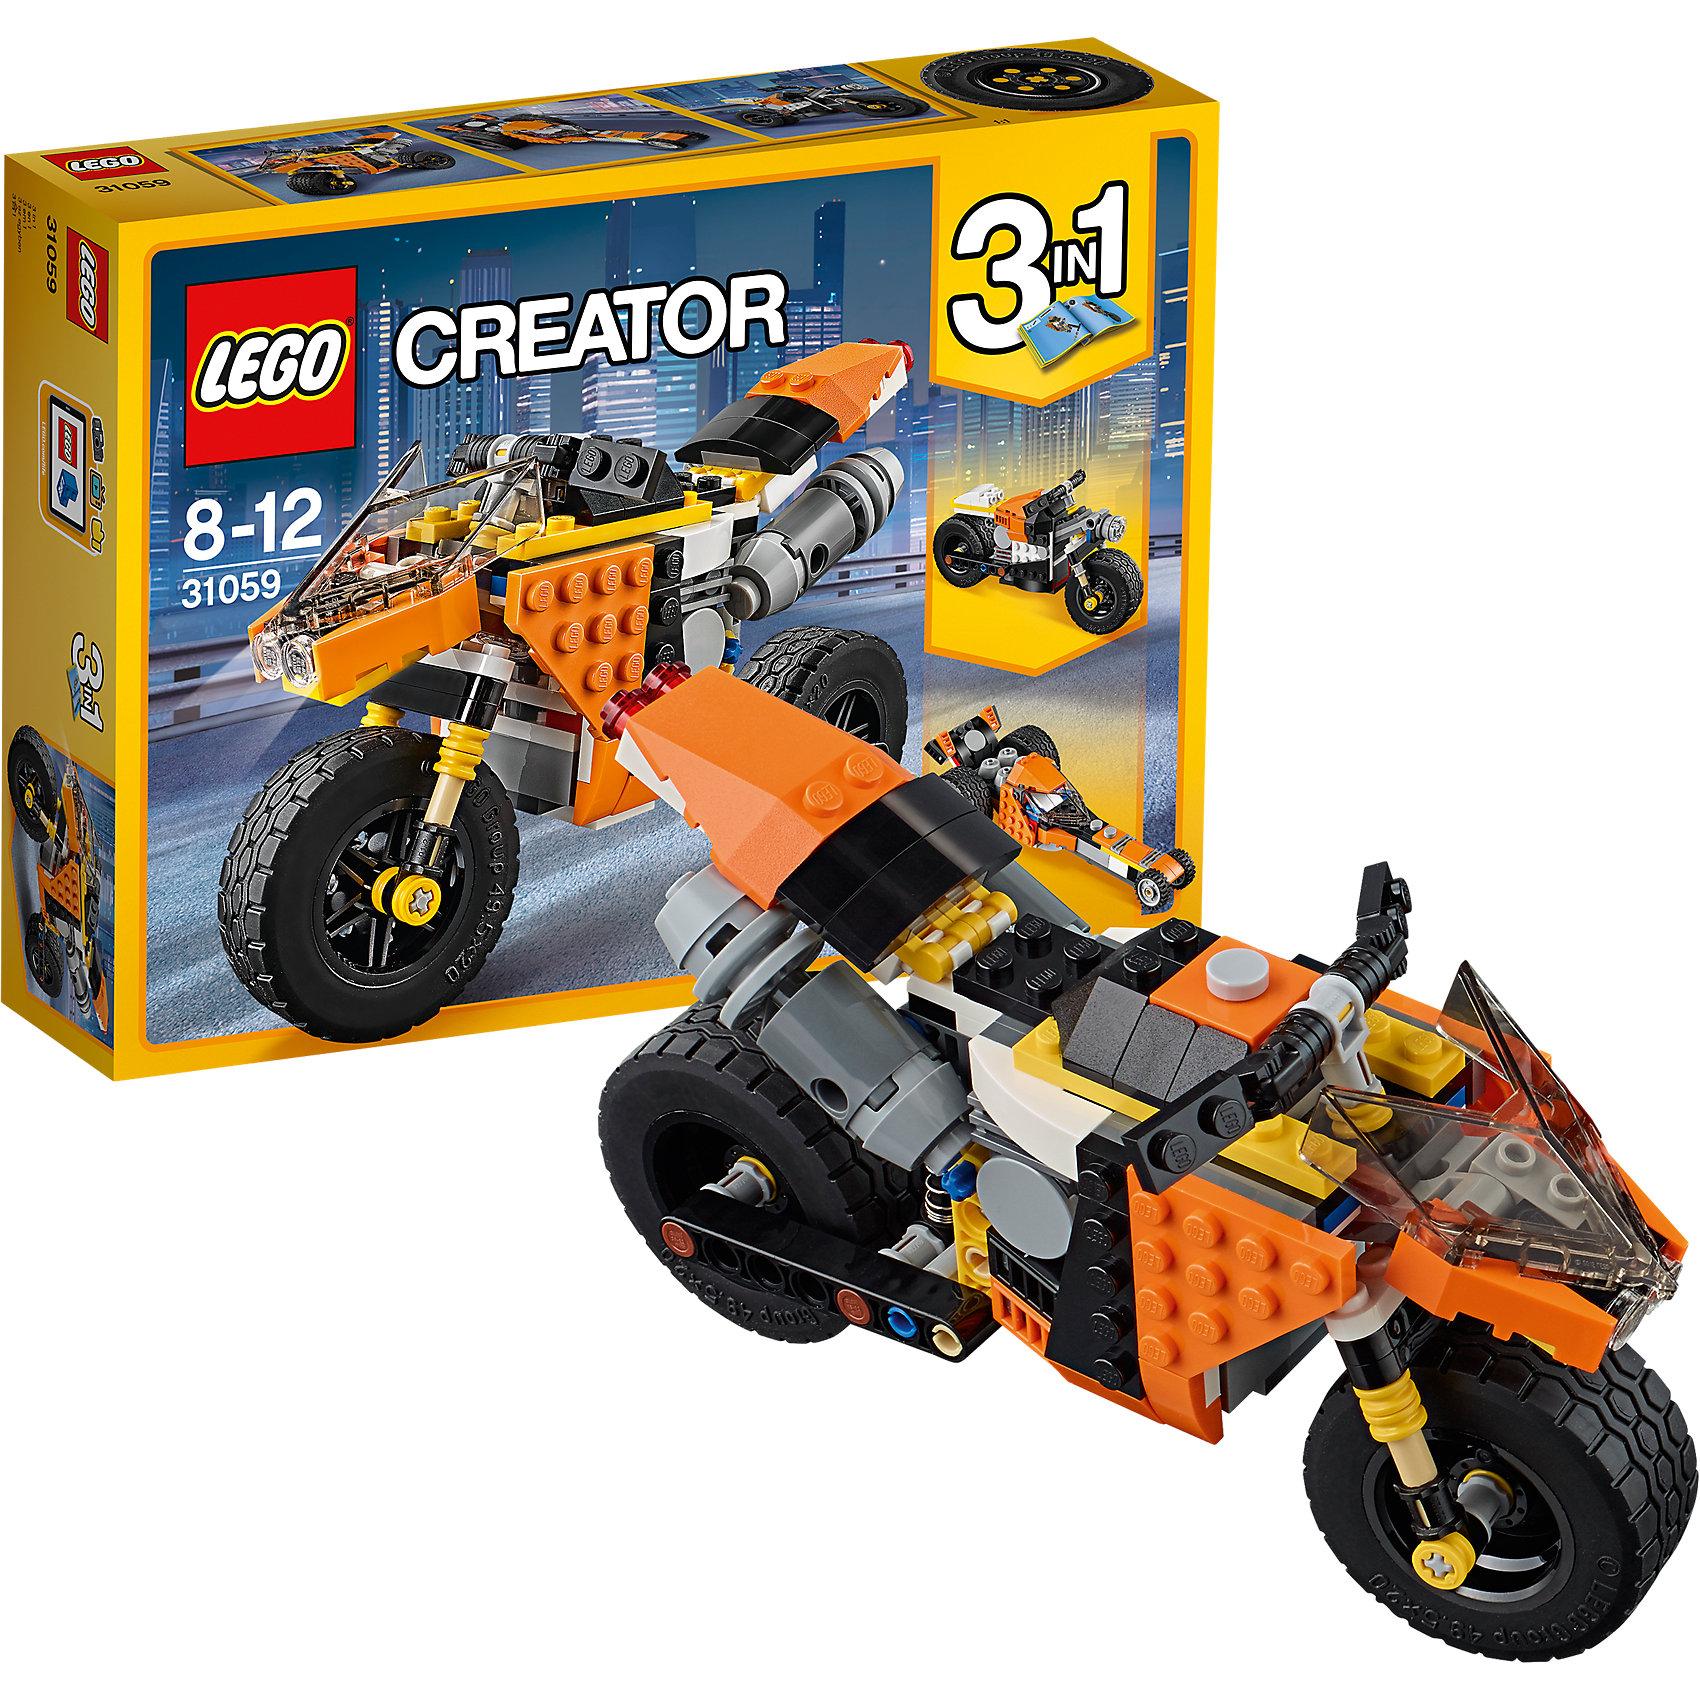 LEGO Creator 31059: Оранжевый мотоциклПластмассовые конструкторы<br>LEGO Creator 31059: Оранжевый мотоцикл<br><br>Характеристики:<br><br>- в набор входит: детали для мотоцикла, красочная инструкция<br>- состав: пластик<br>- количество деталей: 194<br>- размер гоночного мотоцикла: 18 * 7 * 12 см.<br>- размер дорожного мотоцикла: 17 * 7 * 10 см.<br>- размер гоночной машины: 19 * 7 * 8 см.<br>- для детей в возрасте: от 8 до 12 лет<br>- Страна производитель: Дания/Китай/Чехия<br><br>Легендарный конструктор LEGO (ЛЕГО) представляет серию «Creator» (Криэйтор), которая позволяет детям экспериментировать с домами, машинами, самолетами и существами. Каждый набор этой серии подразумевает перестройку тремя разными способами убирая ограничения веселья! Набор Оранжевый мотоцикл понравится юным любителям мотоциклов и гонок. Реалистичный гоночный мотоцикл с вилкой для переднего колеса и имитацией амортизации, а так же с подвижной регулировкой заднего колеса приведет ребенка в восторг! Можно перестроить мотоцикл в дорожную модель с имитацией зеркал дальнего вида. Во всех моделях мотоциклов можно двигать передним колесом с помощью руля. Мотоциклы можно перестроить в классический гоночный болид и выигрывать автомобильные гонки. Играя с конструктором ребенок развивает моторику рук, воображение и логическое мышление, научится собирать по инструкции и создавать свои модели. Придумывайте новые игры с набором LEGO «Creator»!<br><br>Конструктор LEGO Creator 31059: Оранжевый мотоцикл можно купить в нашем интернет-магазине.<br><br>Ширина мм: 264<br>Глубина мм: 188<br>Высота мм: 65<br>Вес г: 349<br>Возраст от месяцев: 96<br>Возраст до месяцев: 144<br>Пол: Мужской<br>Возраст: Детский<br>SKU: 5002494